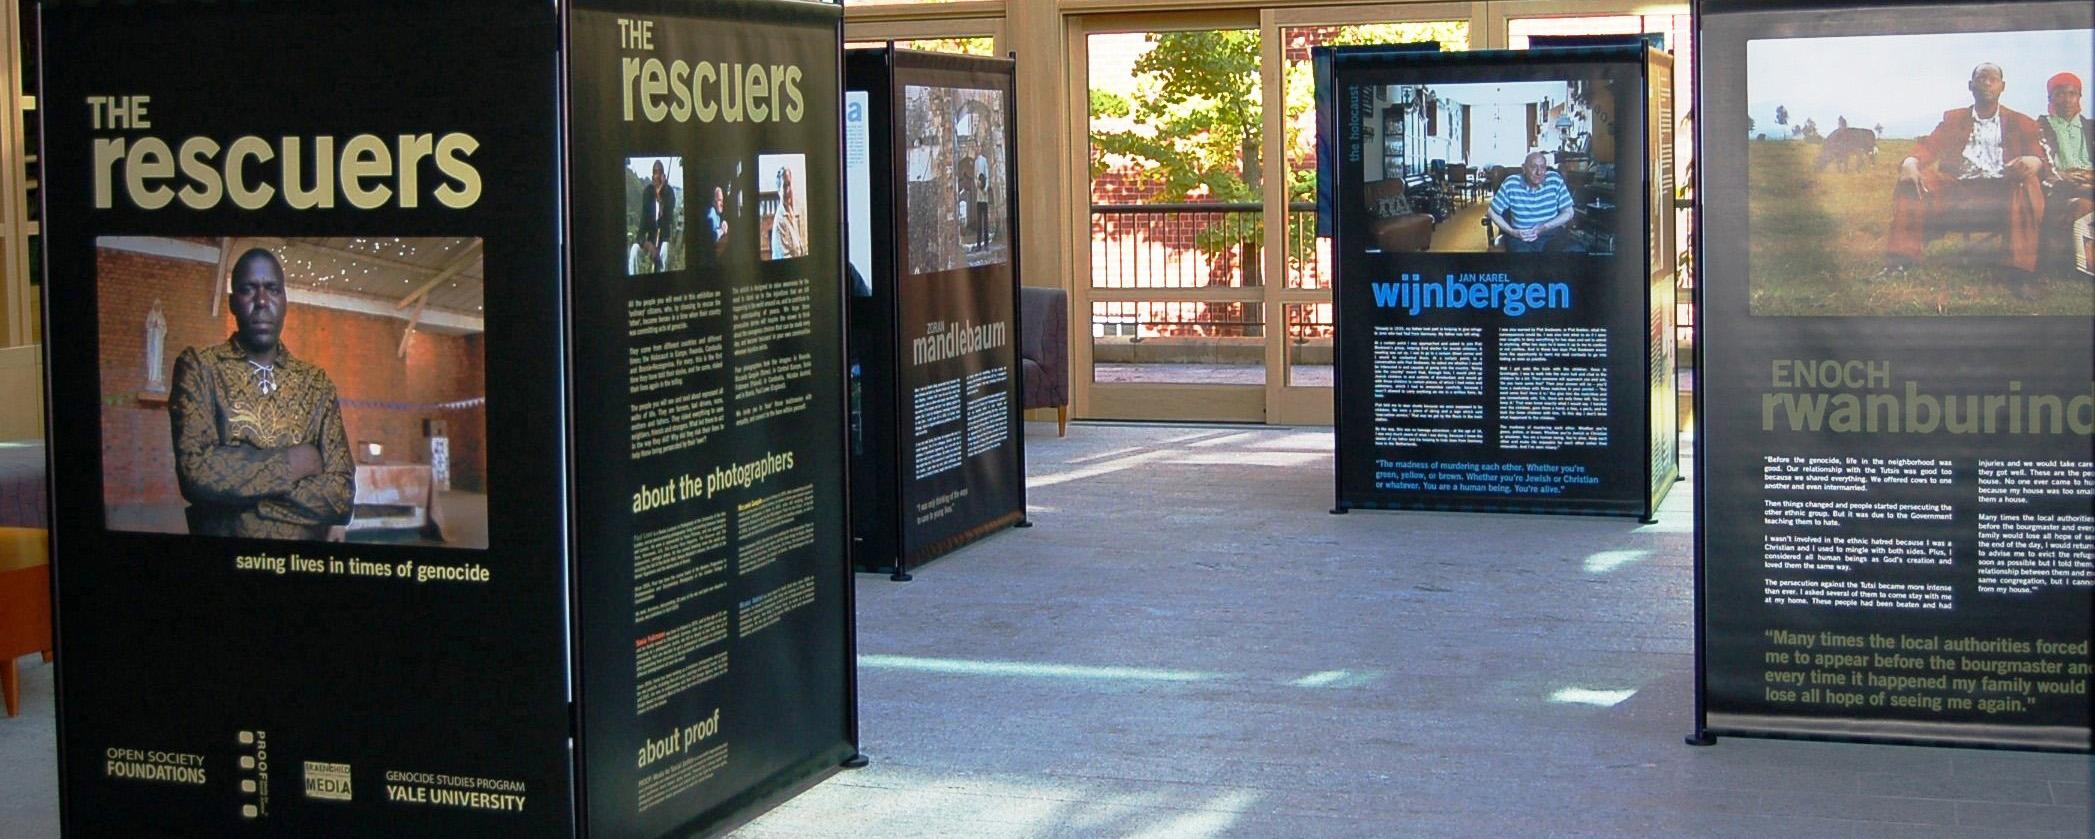 Rescuers_Yale_2010_01_Web.jpg